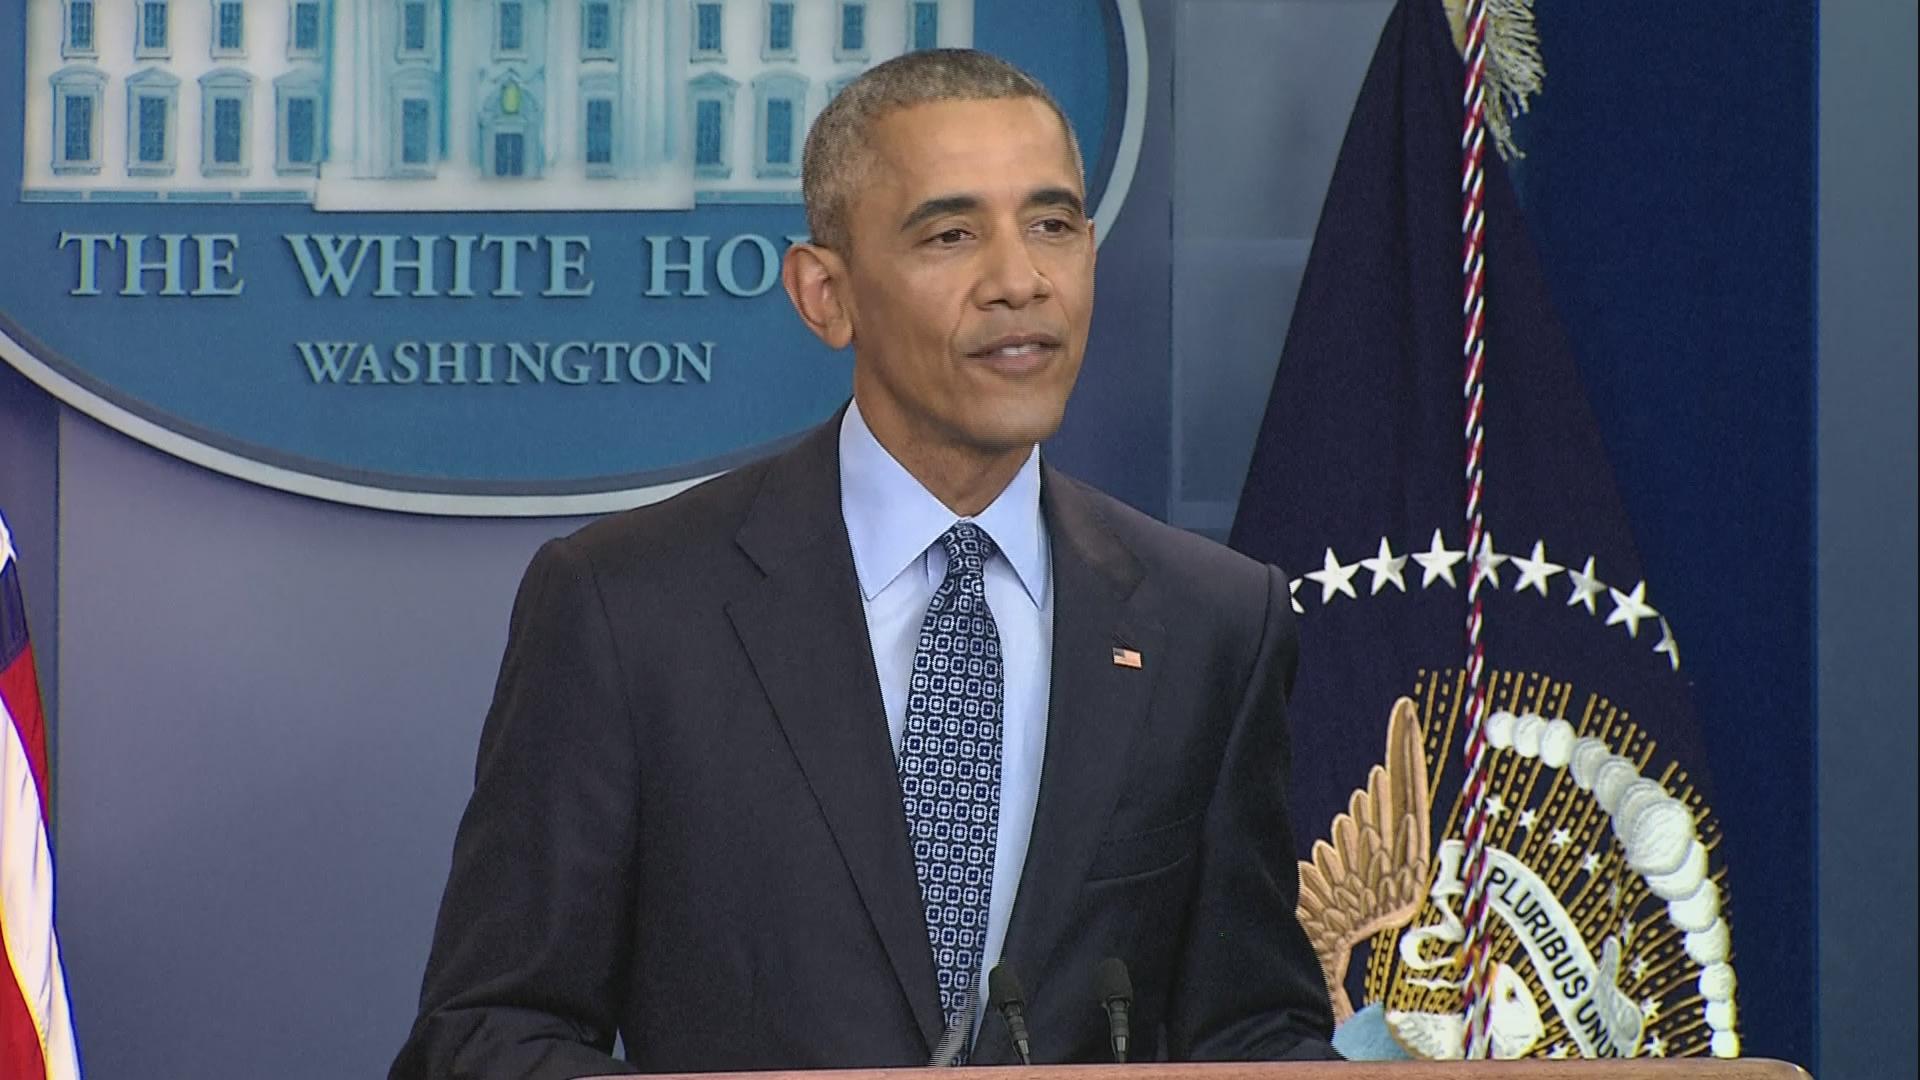 udland_ne_us_obama_last_presser_00211919.jpeg